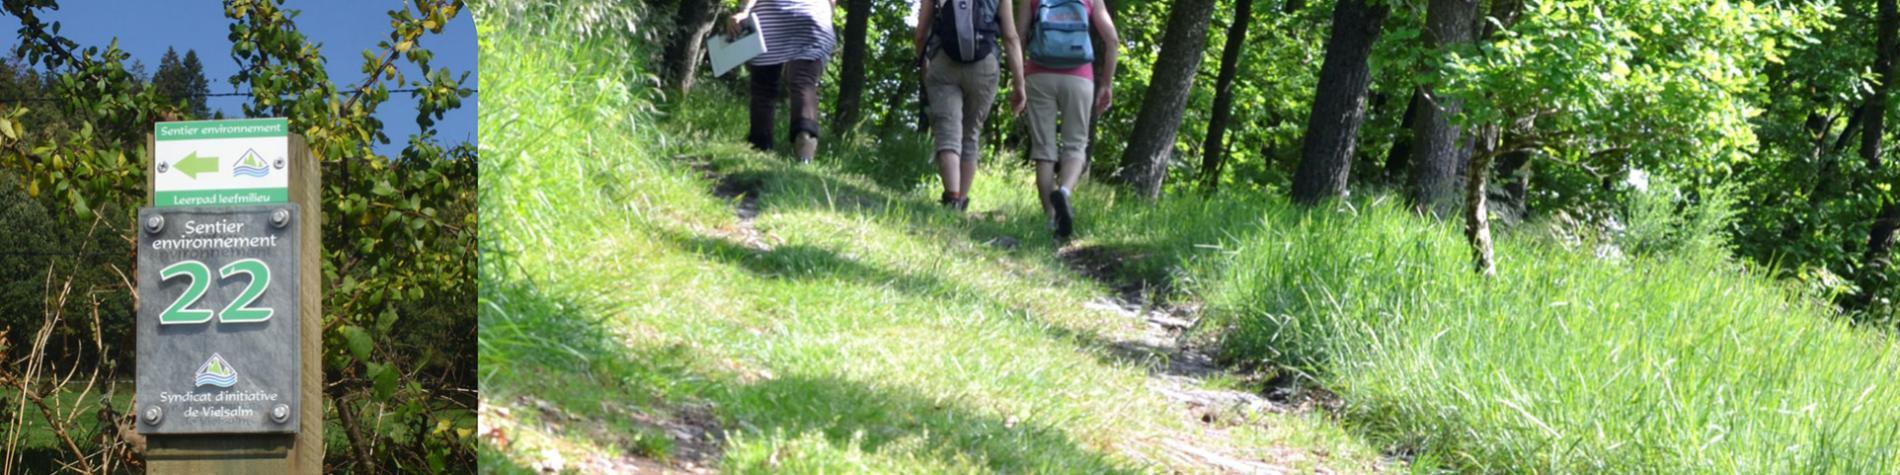 Sentier didactique - Offergeld - Près de Vielsalm